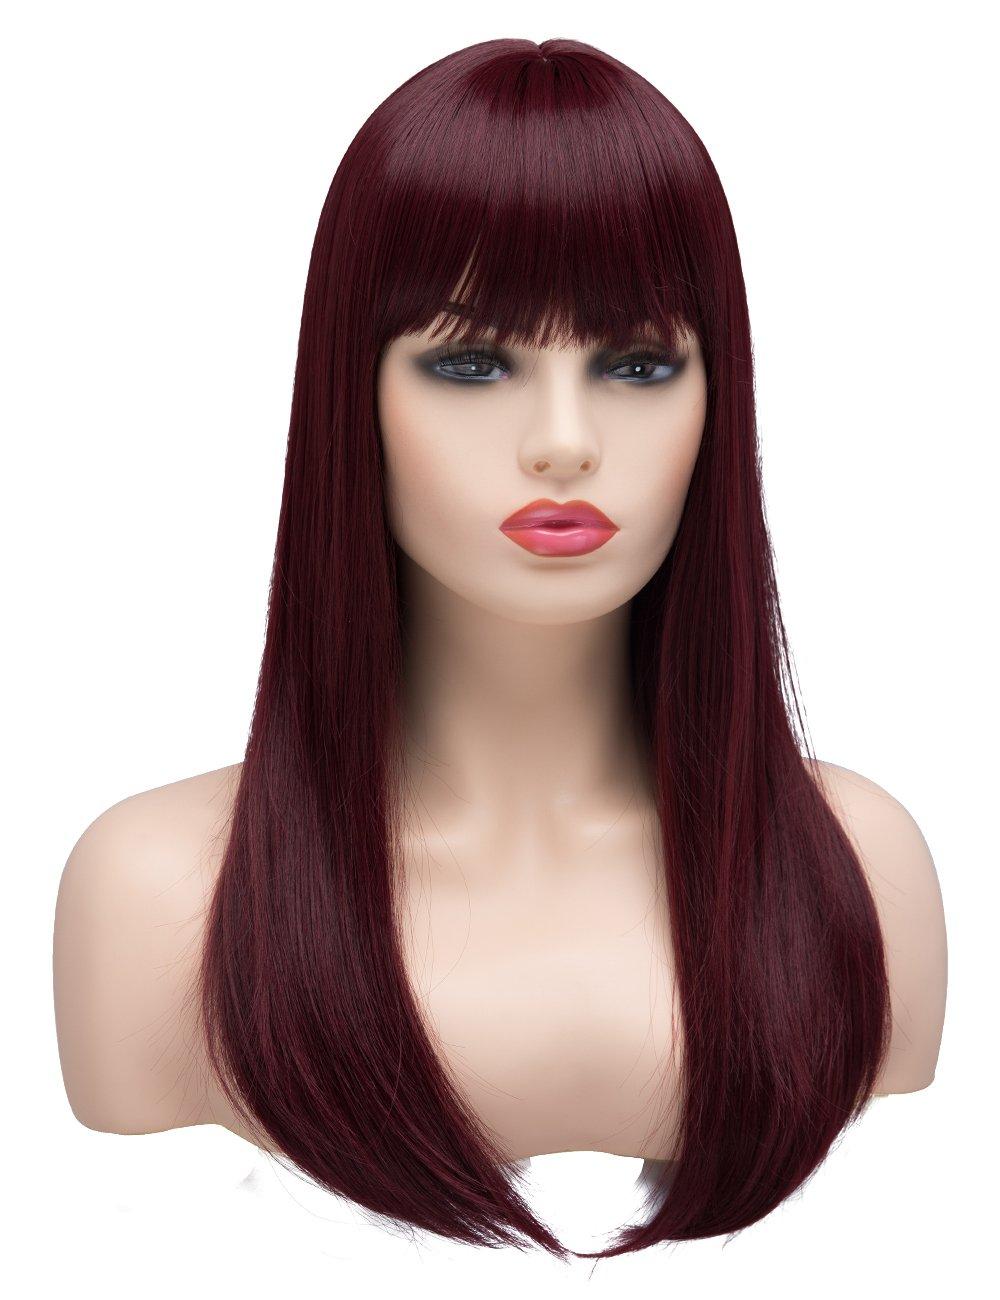 BESTUNG lungo parrucche per donna rettilineo sintetico naturale dei capelli Borgogna vino rosso ombre parrucca con Bang per cosplay o la vita quotidiana